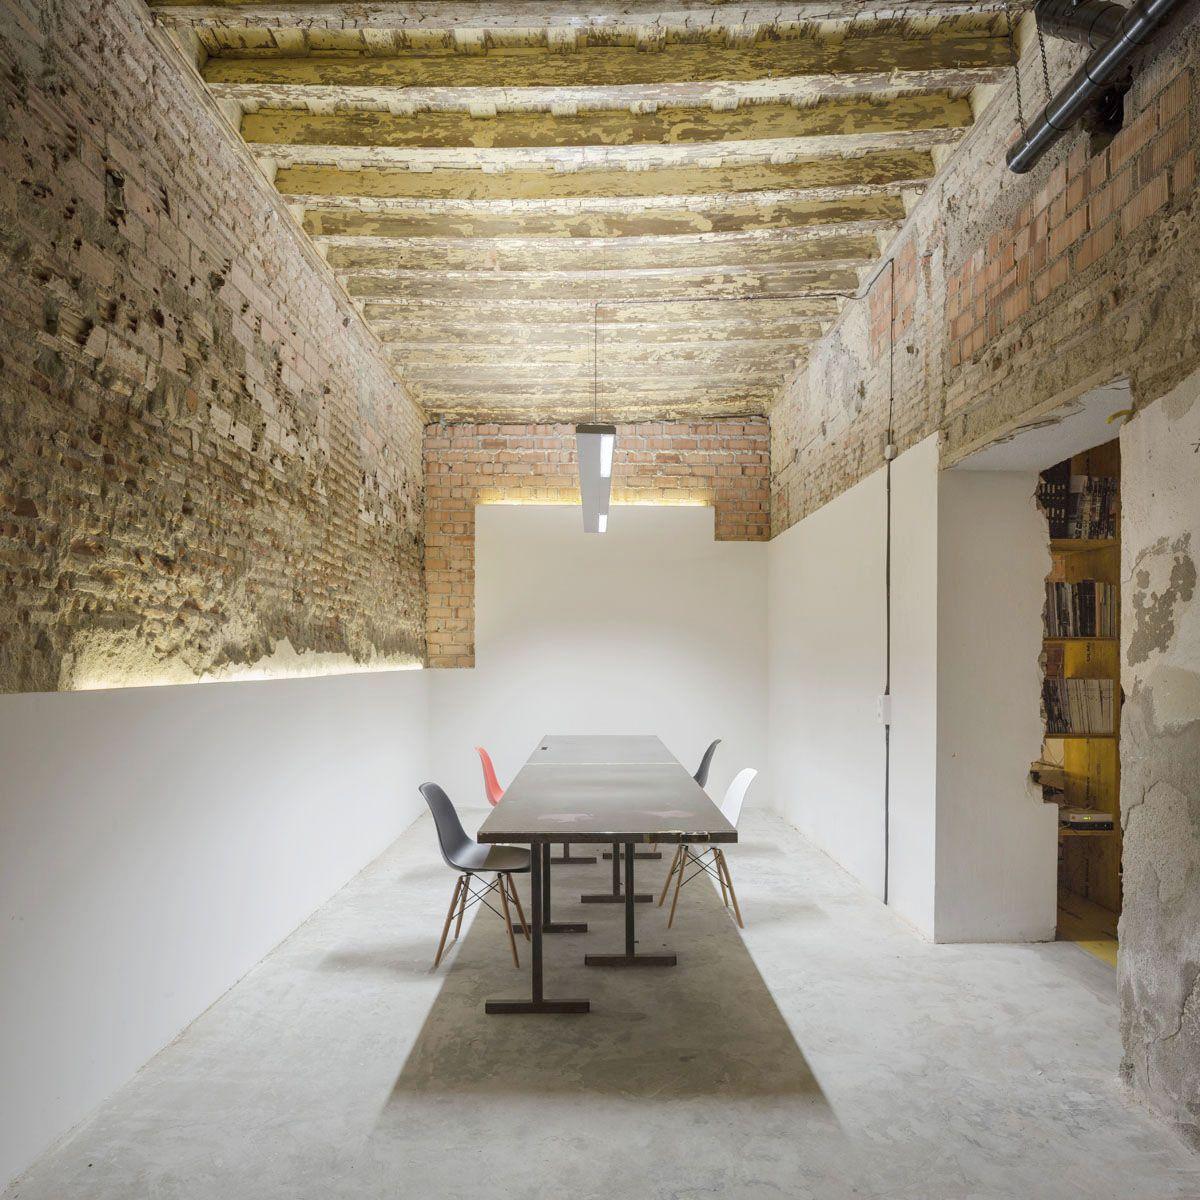 San jer nimo atelier cuac arquitectura diaism atelier - Atelier arquitectura ...